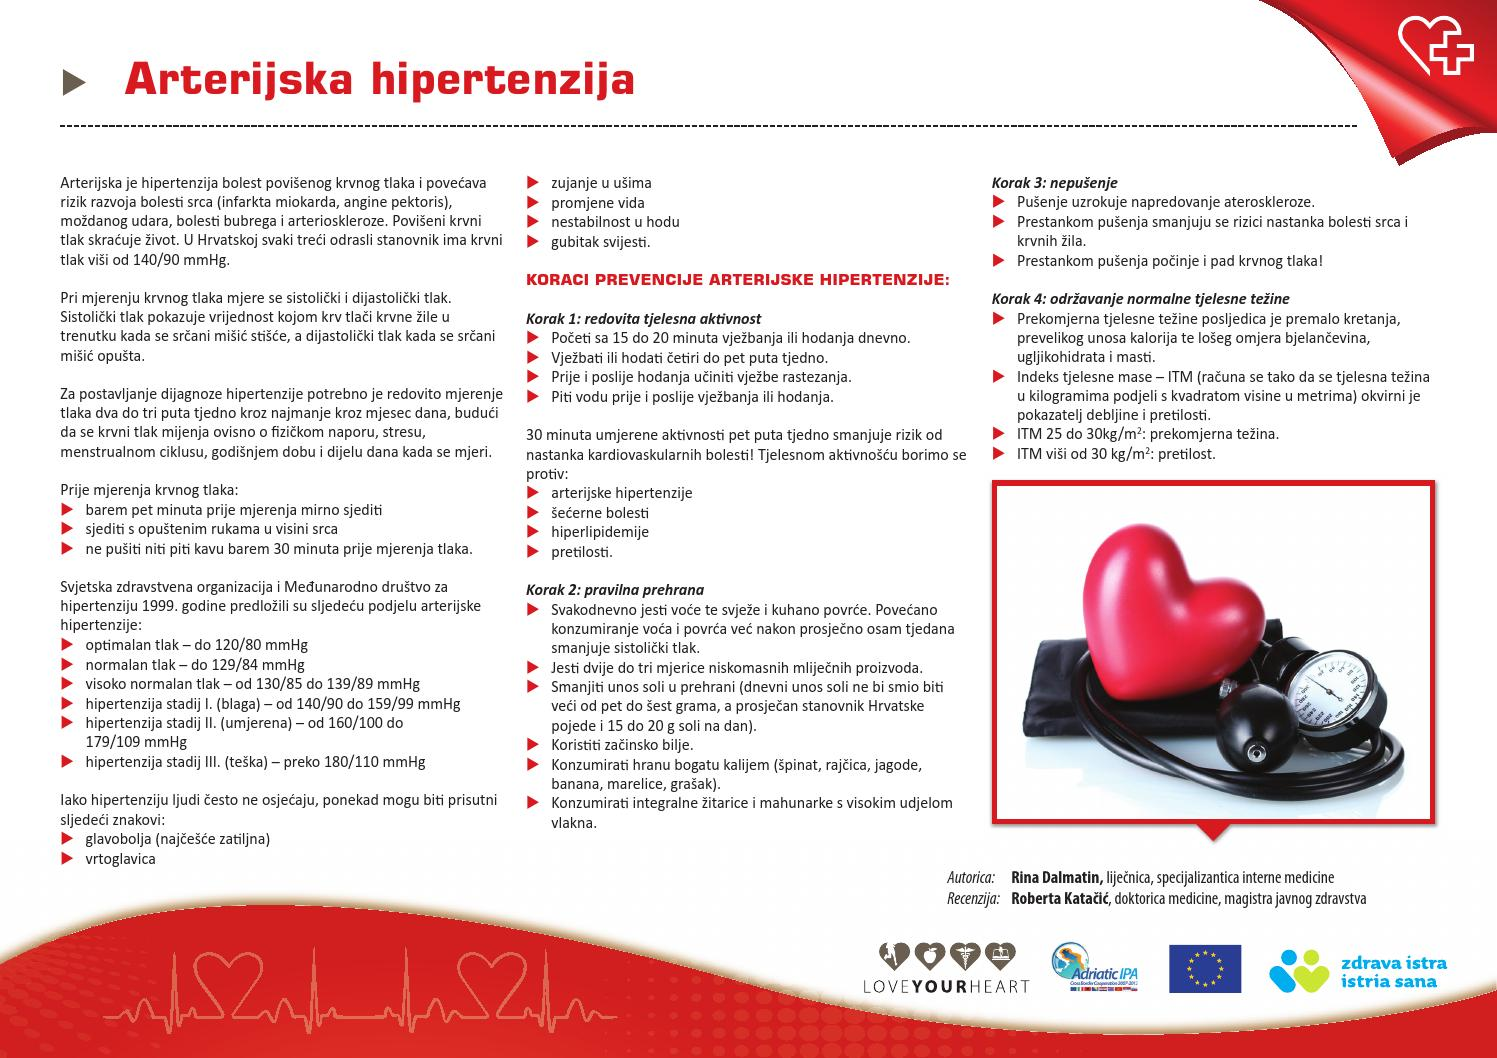 glavobolju, vrtoglavicu, hipertenzije